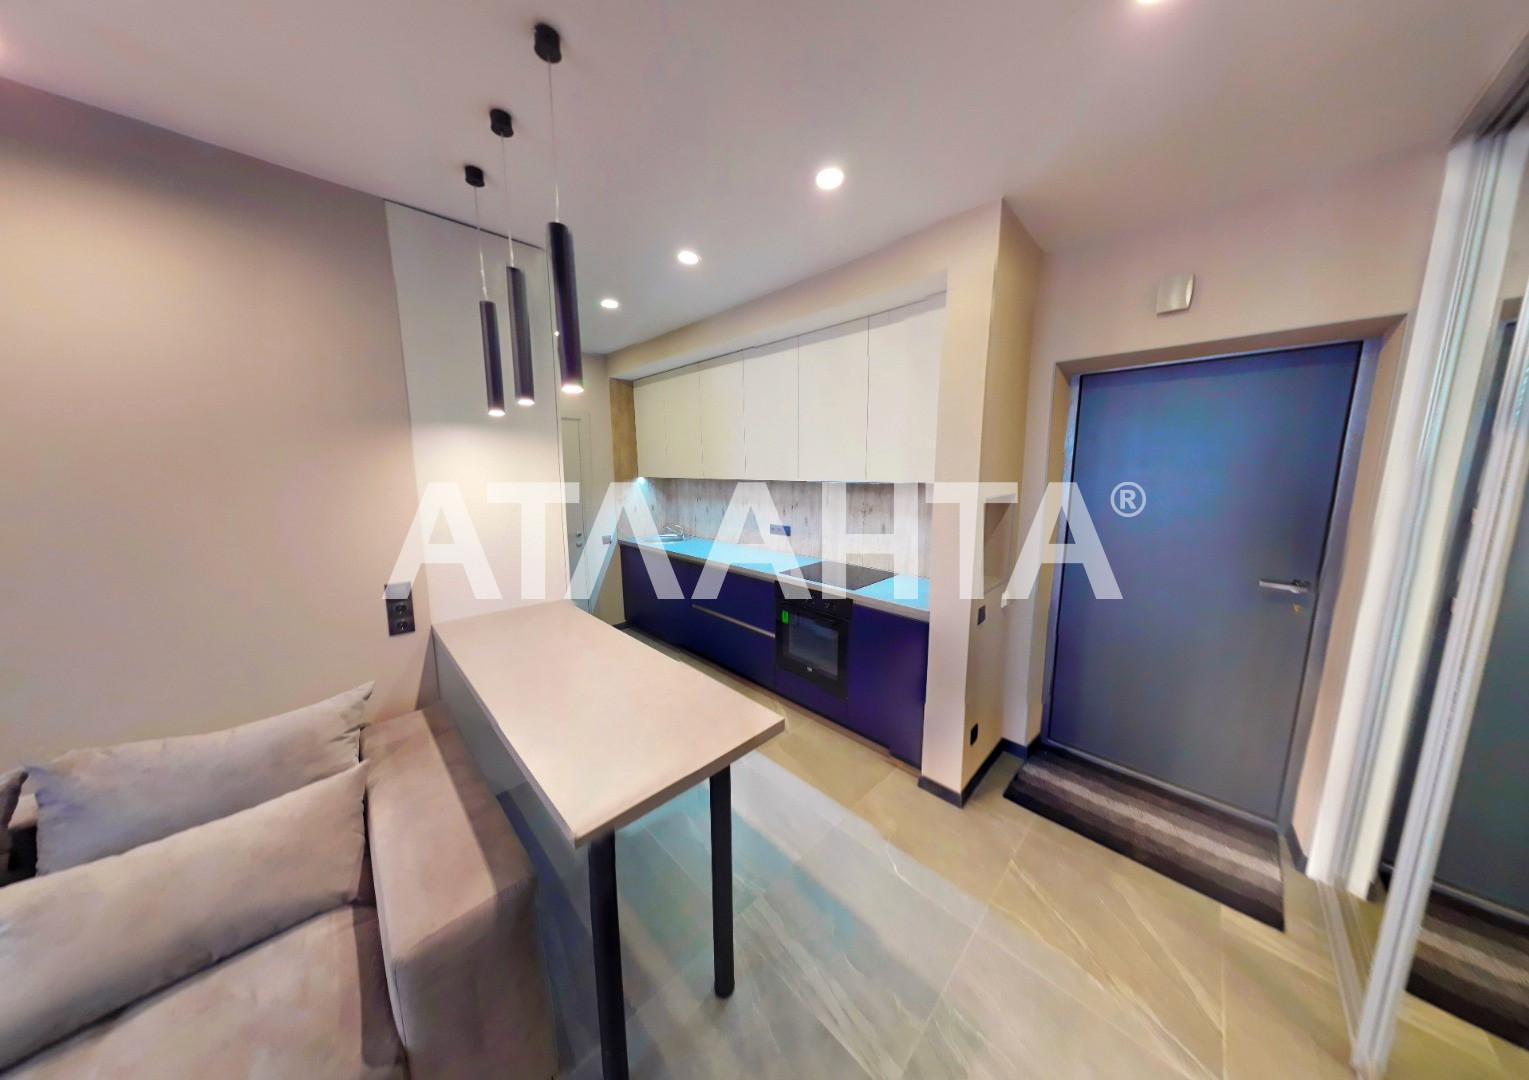 Продается 2-комнатная Квартира на ул. Конева — 86 000 у.е. (фото №3)